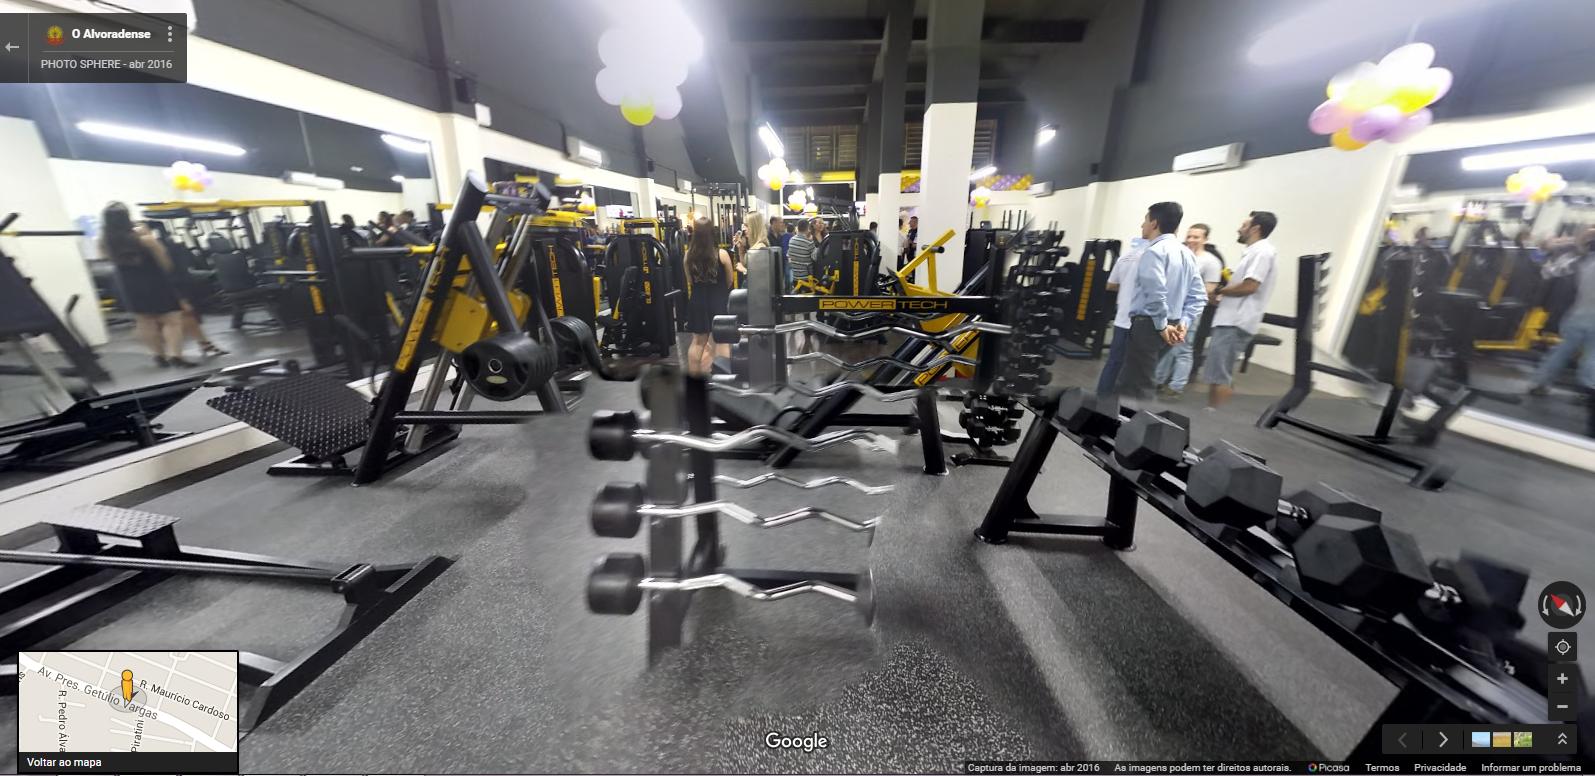 Clique na imagem para ver a nova unidade em 360º